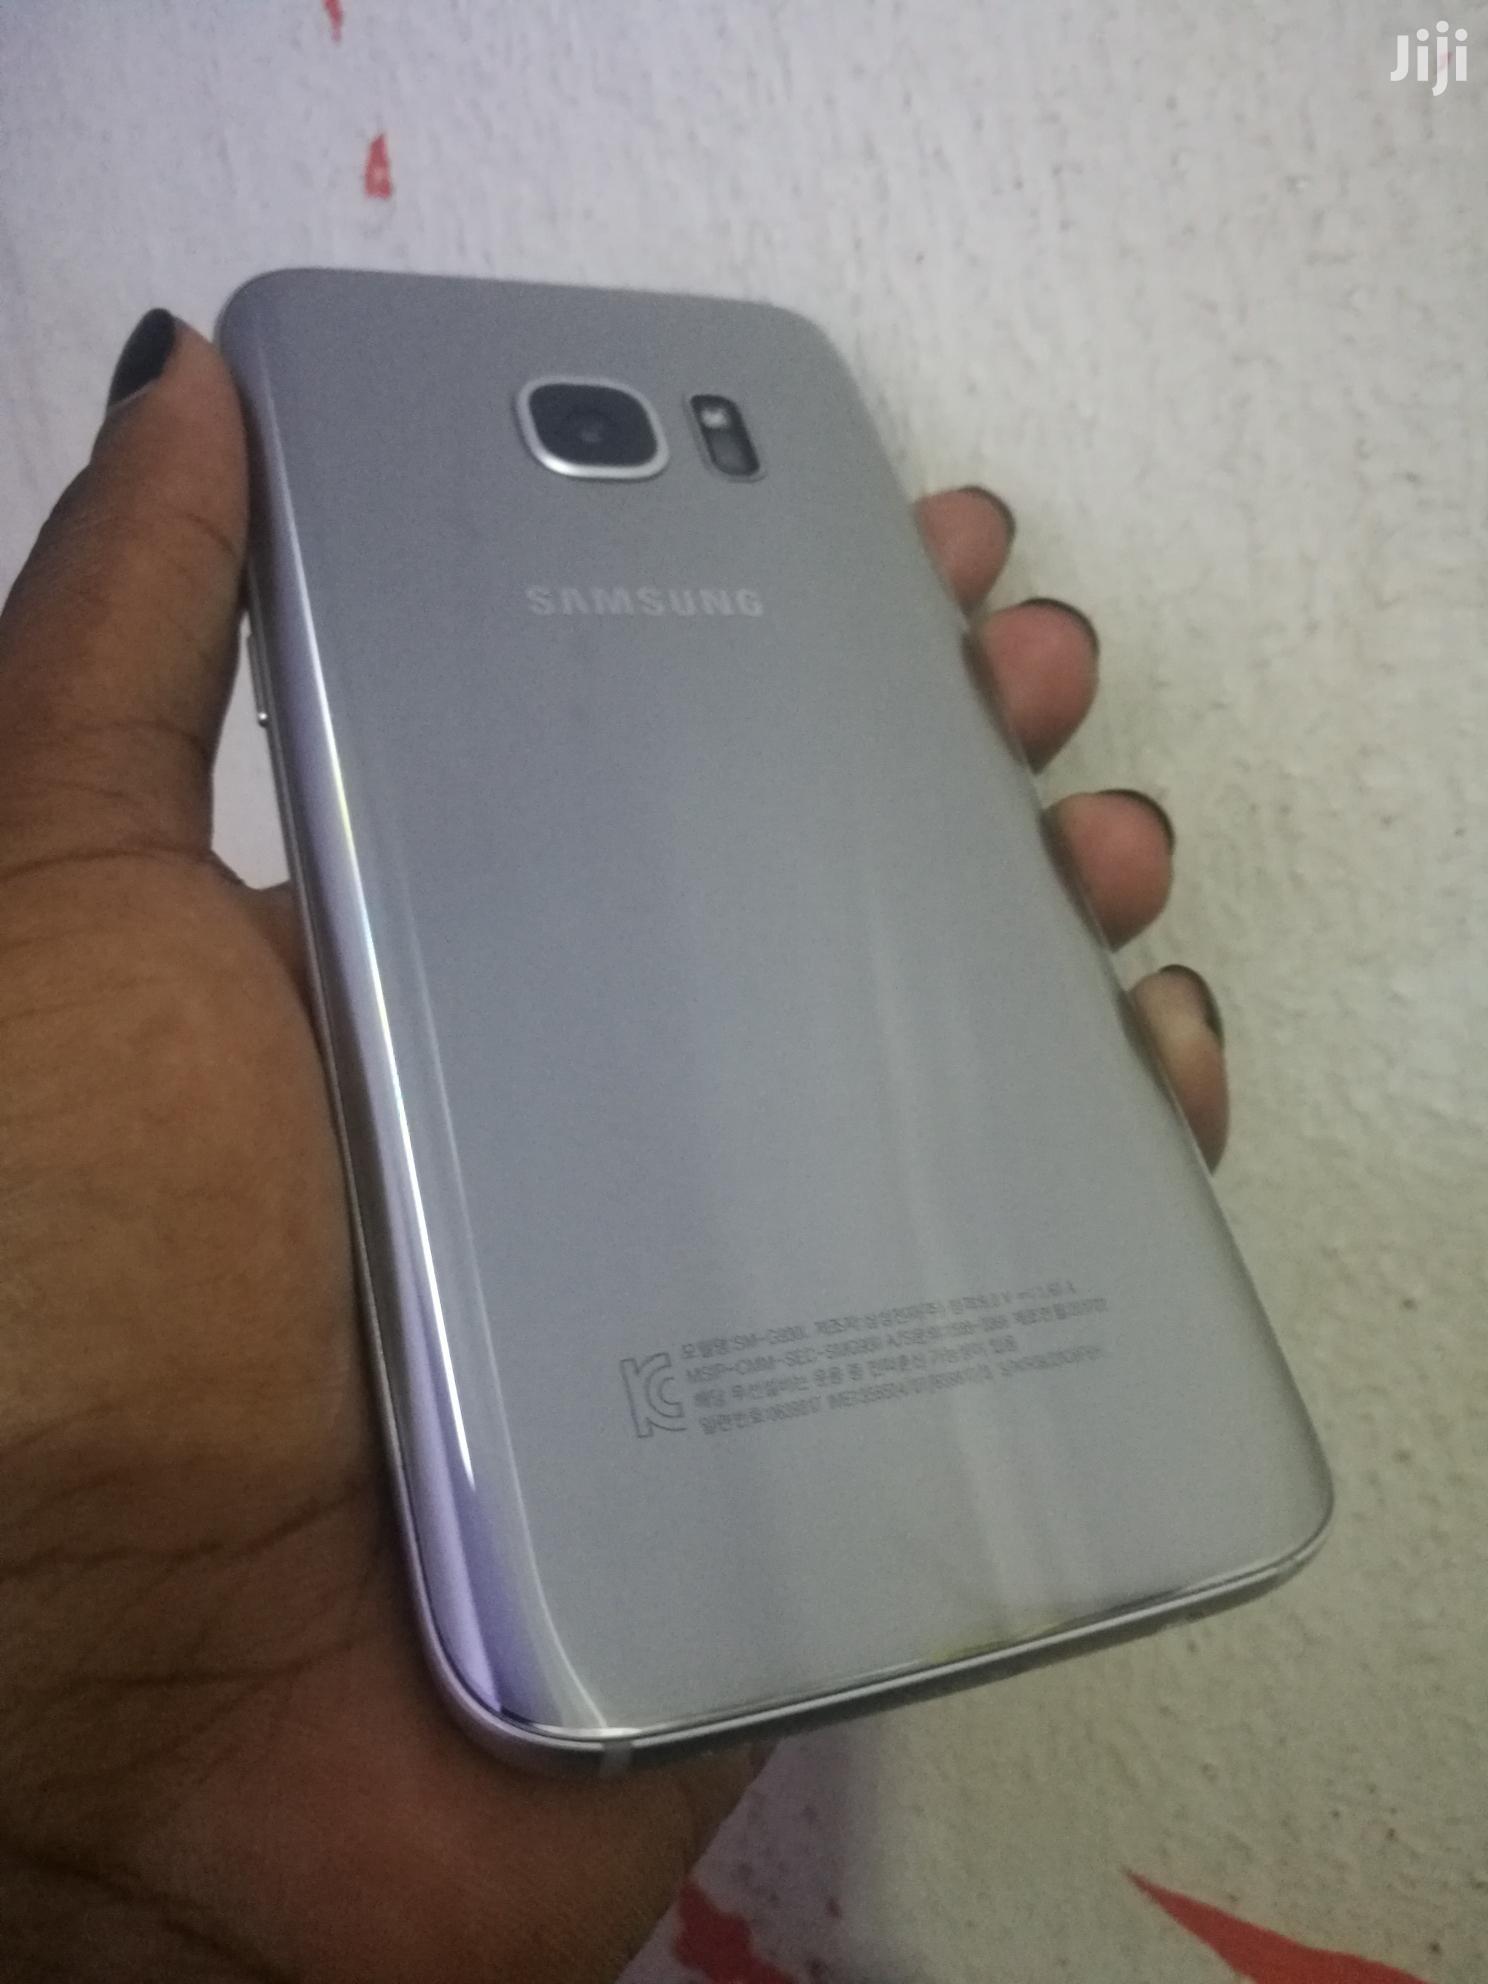 Samsung Galaxy S7 32 GB Gray